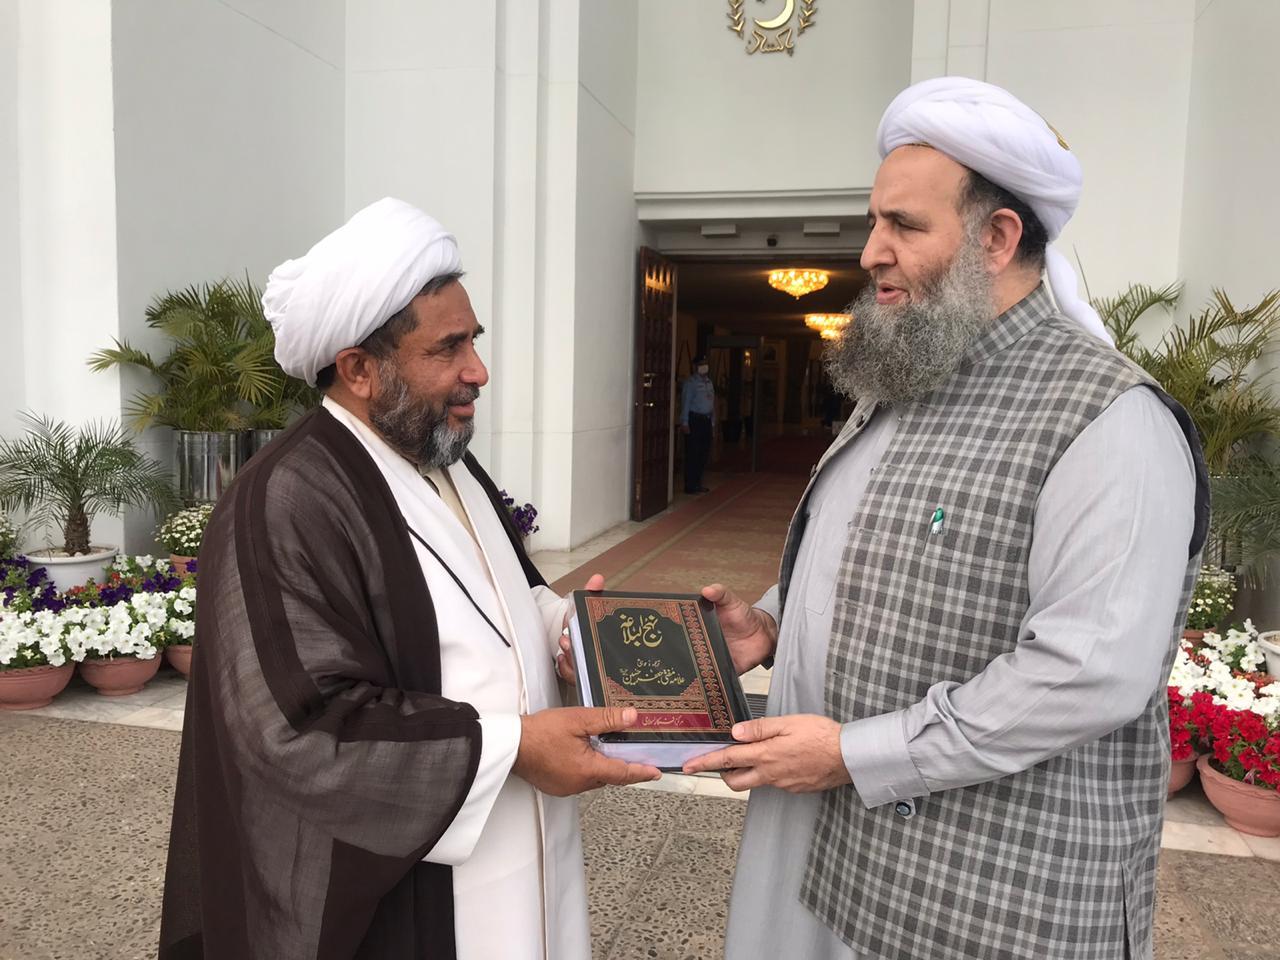 وزیر مذہبی امور جناب نور الحق قادری صاحب کو نہج البلاغہ پیش کی گئی